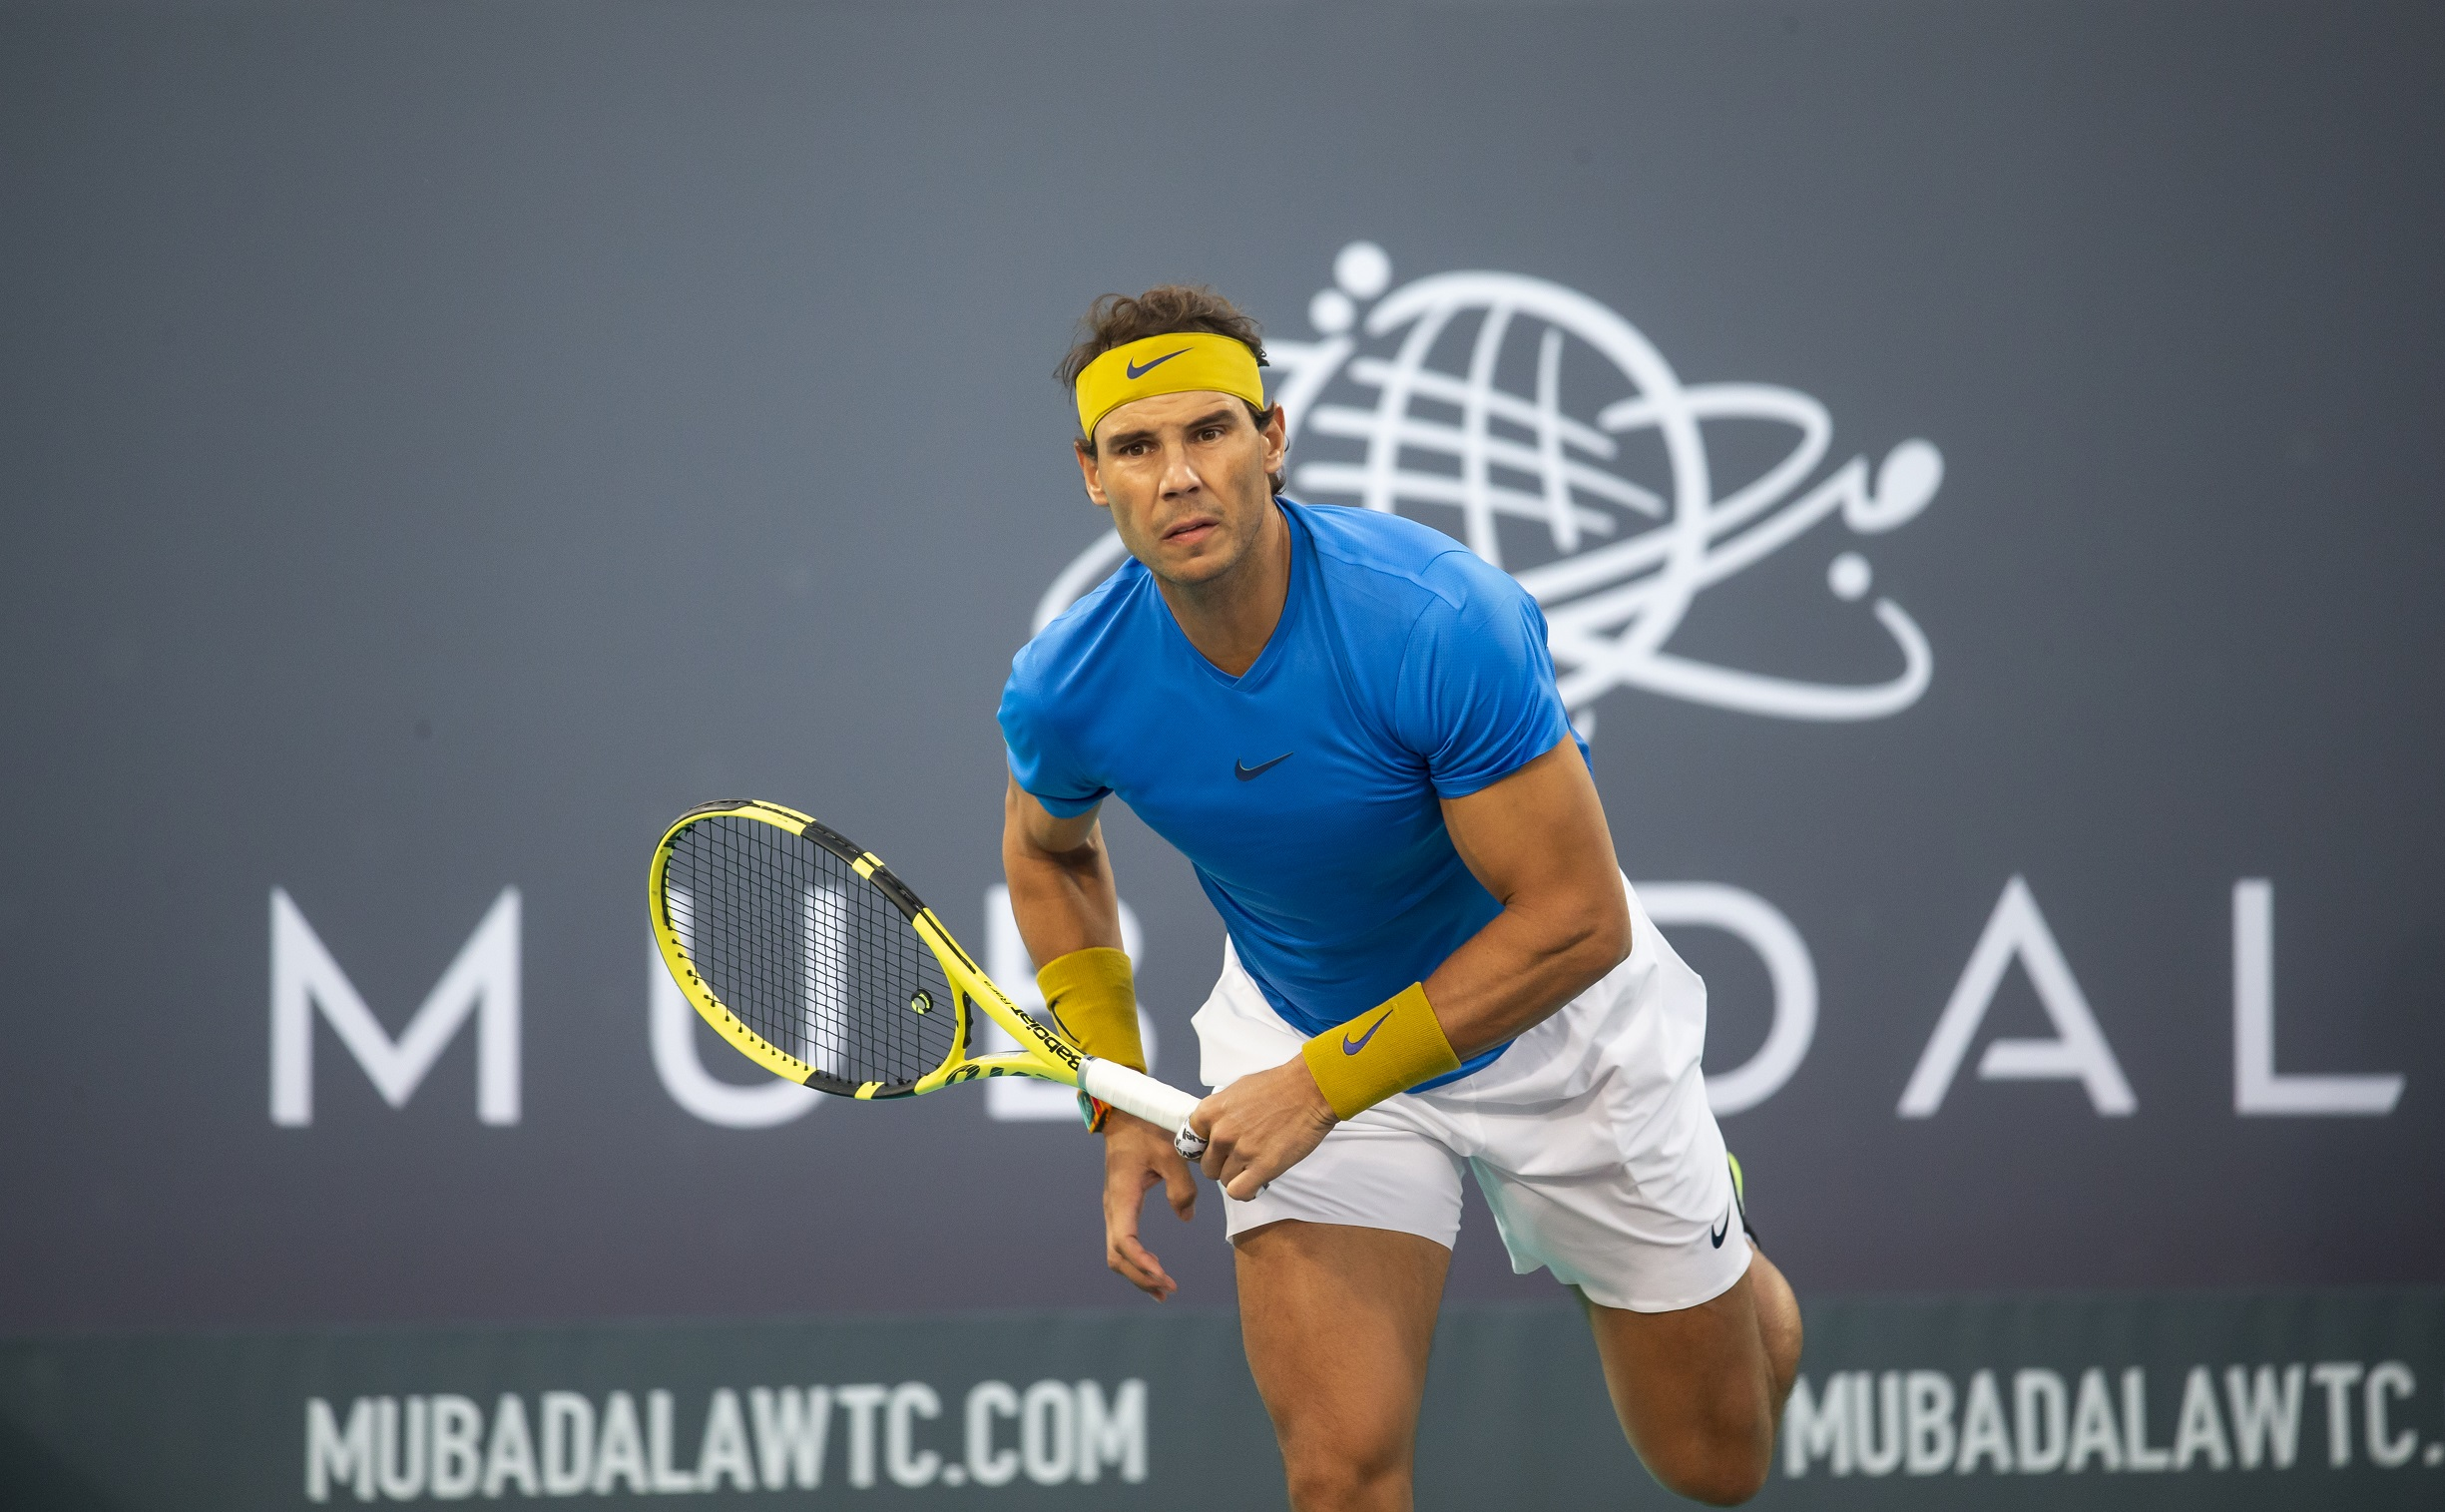 Rafael Nadal Mubadala Cup